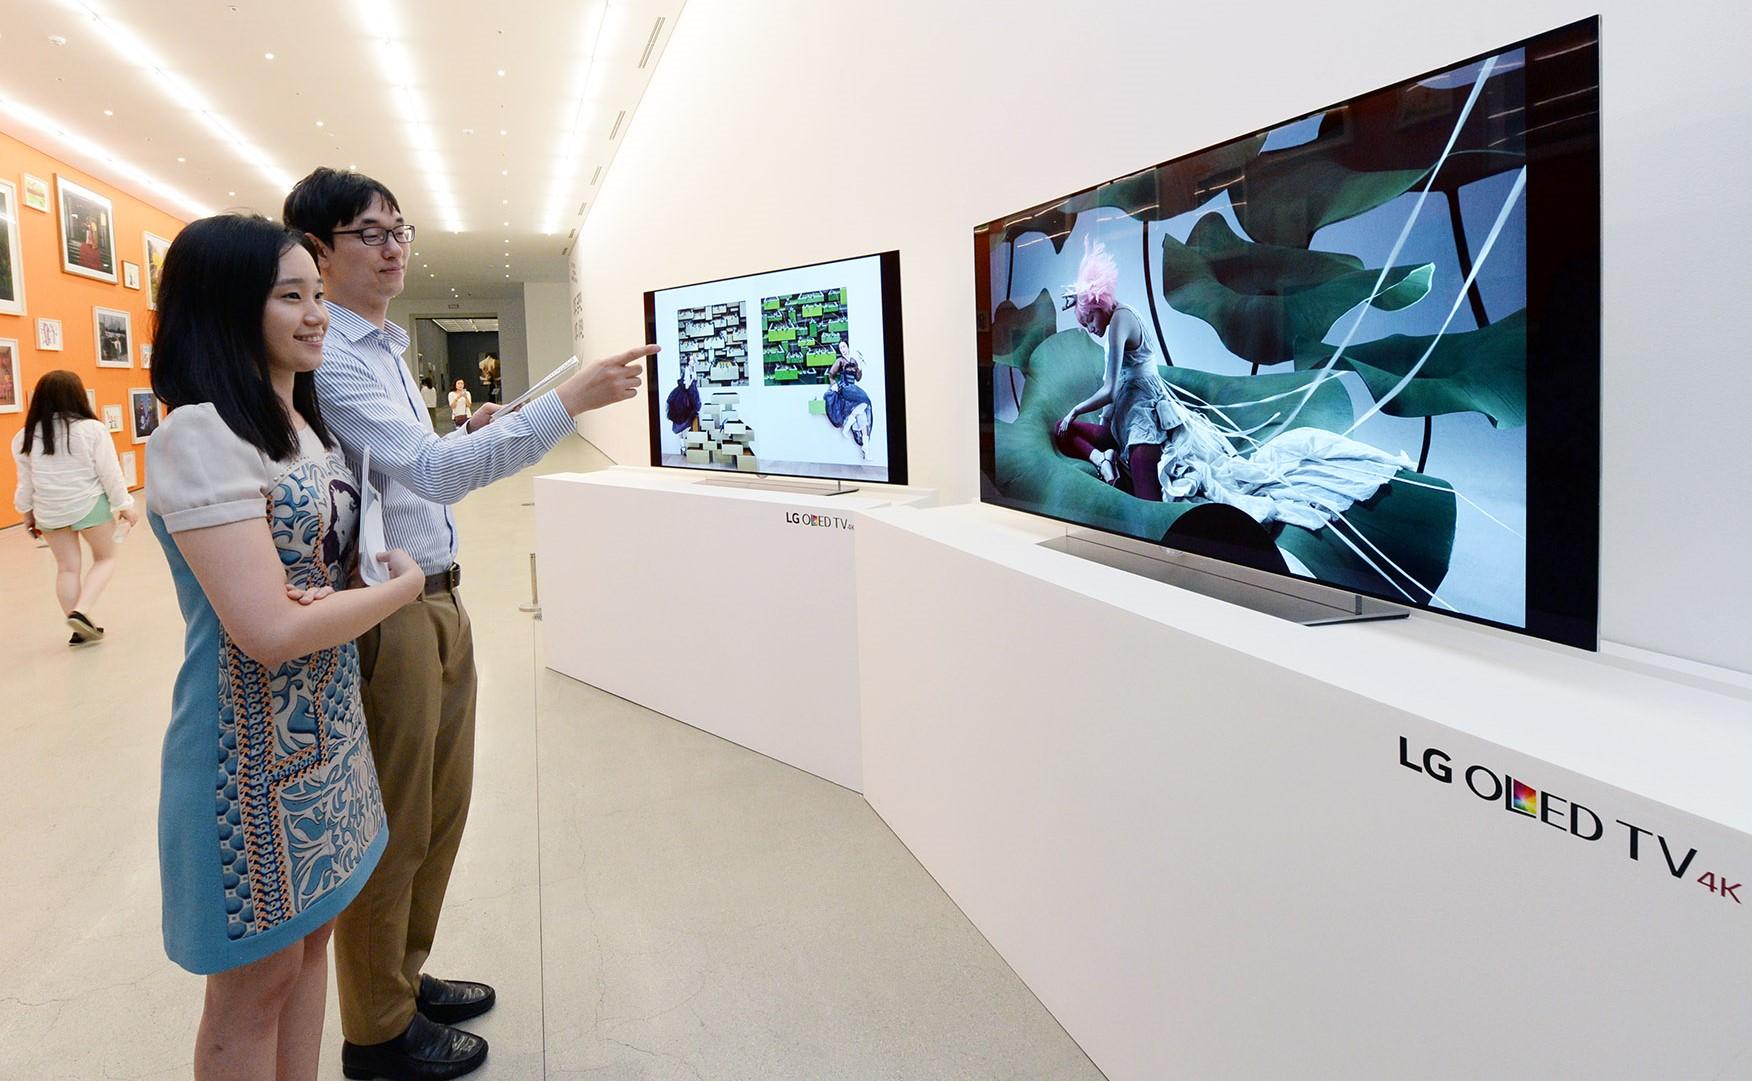 국립현대미술관 서울관에서 올레드 TV로 한국 대표 사진작가들의 작품 소개